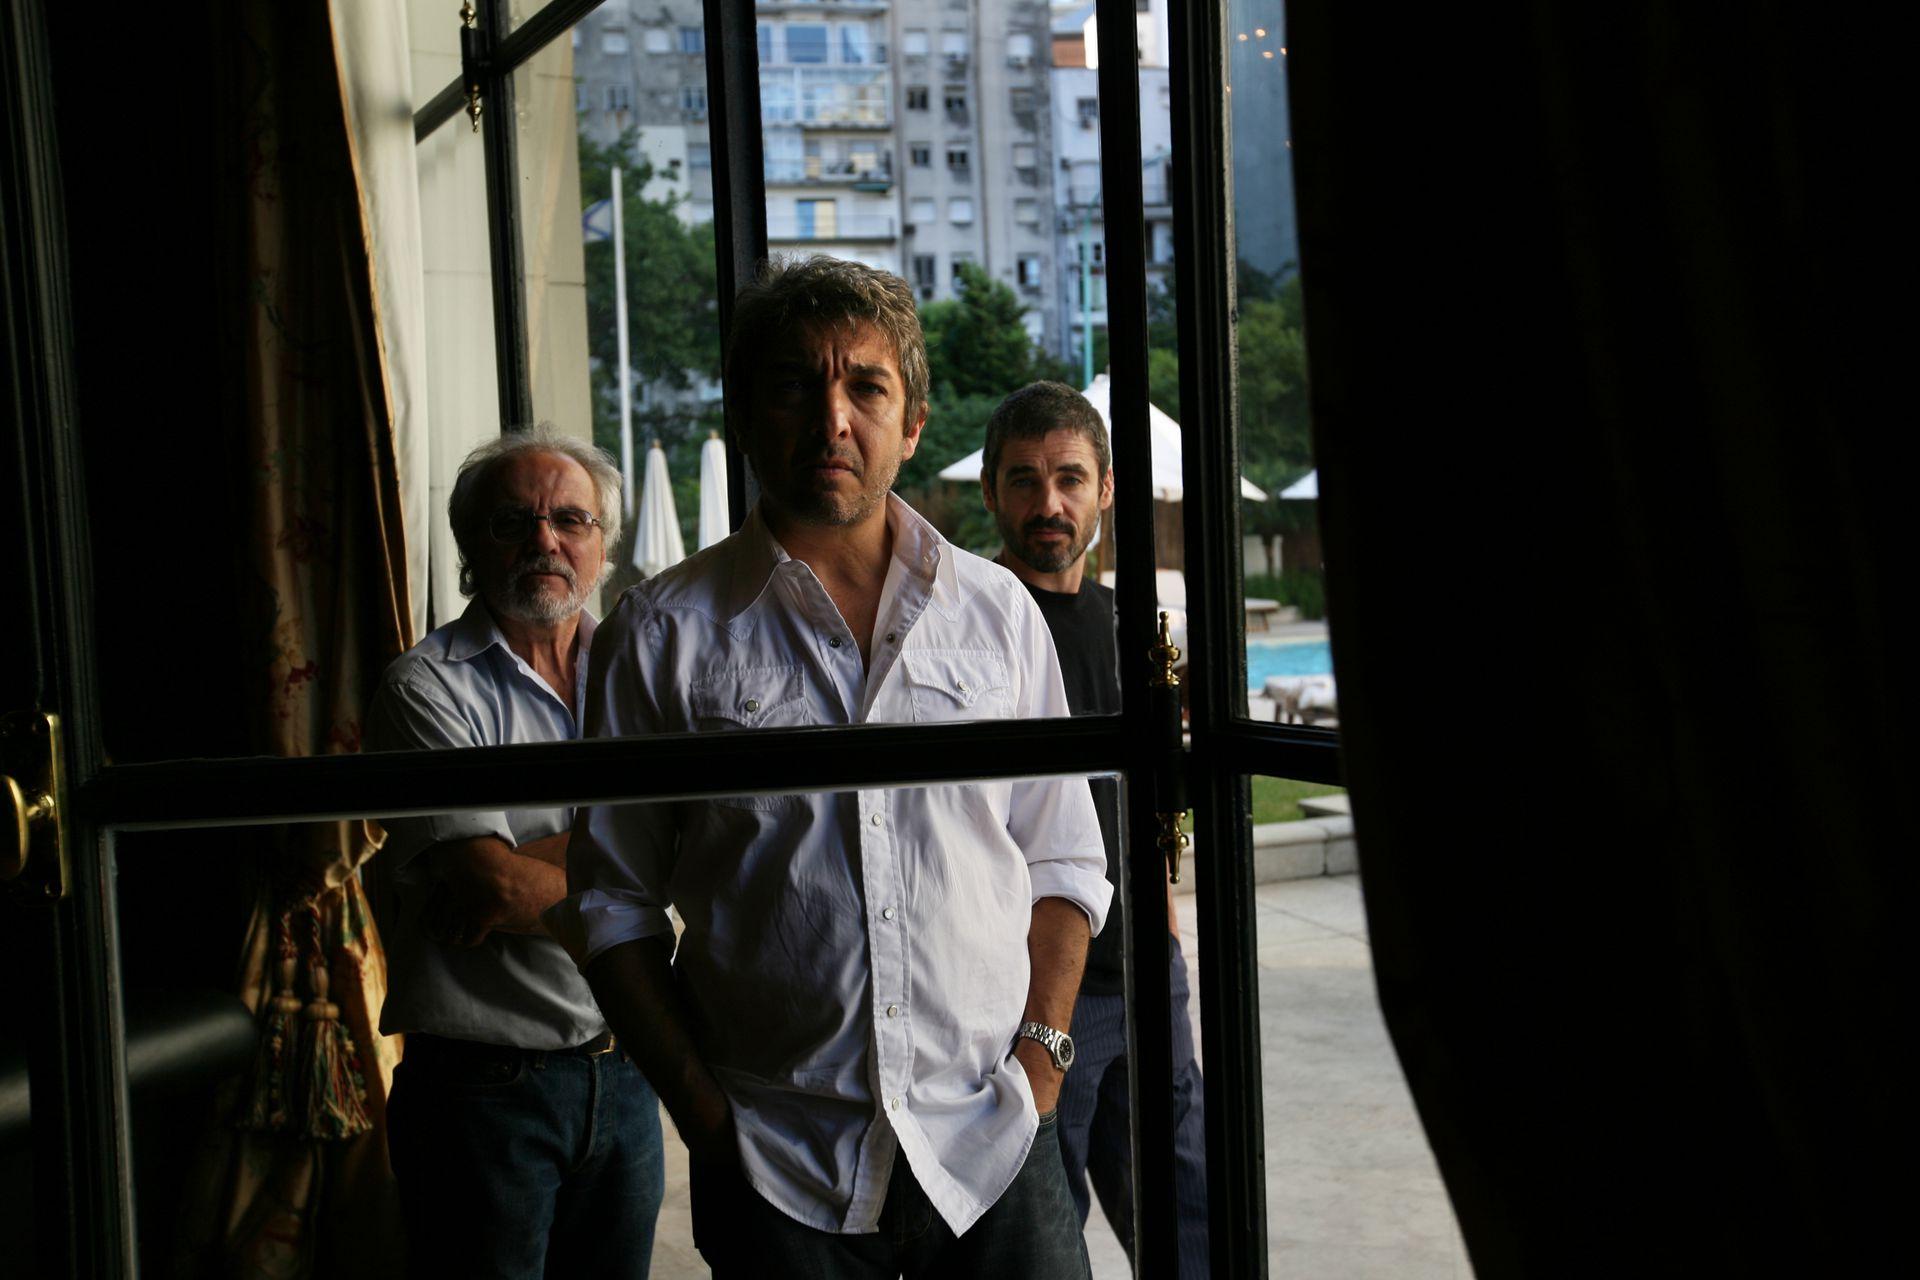 José Luis Mazza, Ricardo Darín y Germán Palacios cuando hicieron temporada en Mar del Plata